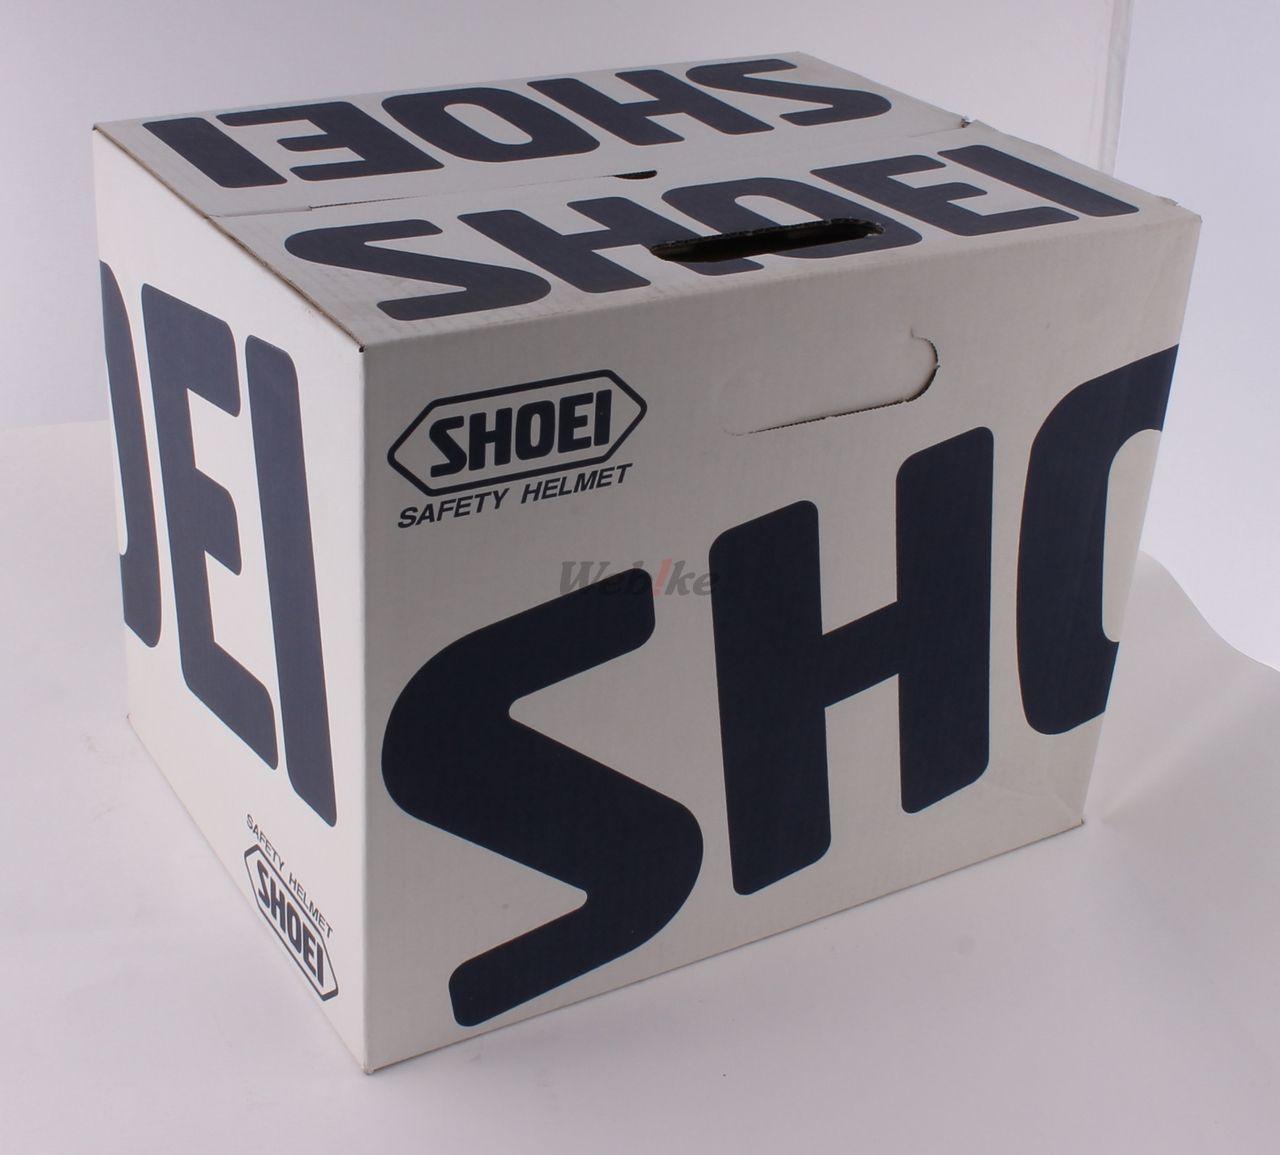 【SHOEI】XR-1100 SKEET 全罩式安全帽 - 「Webike-摩托百貨」